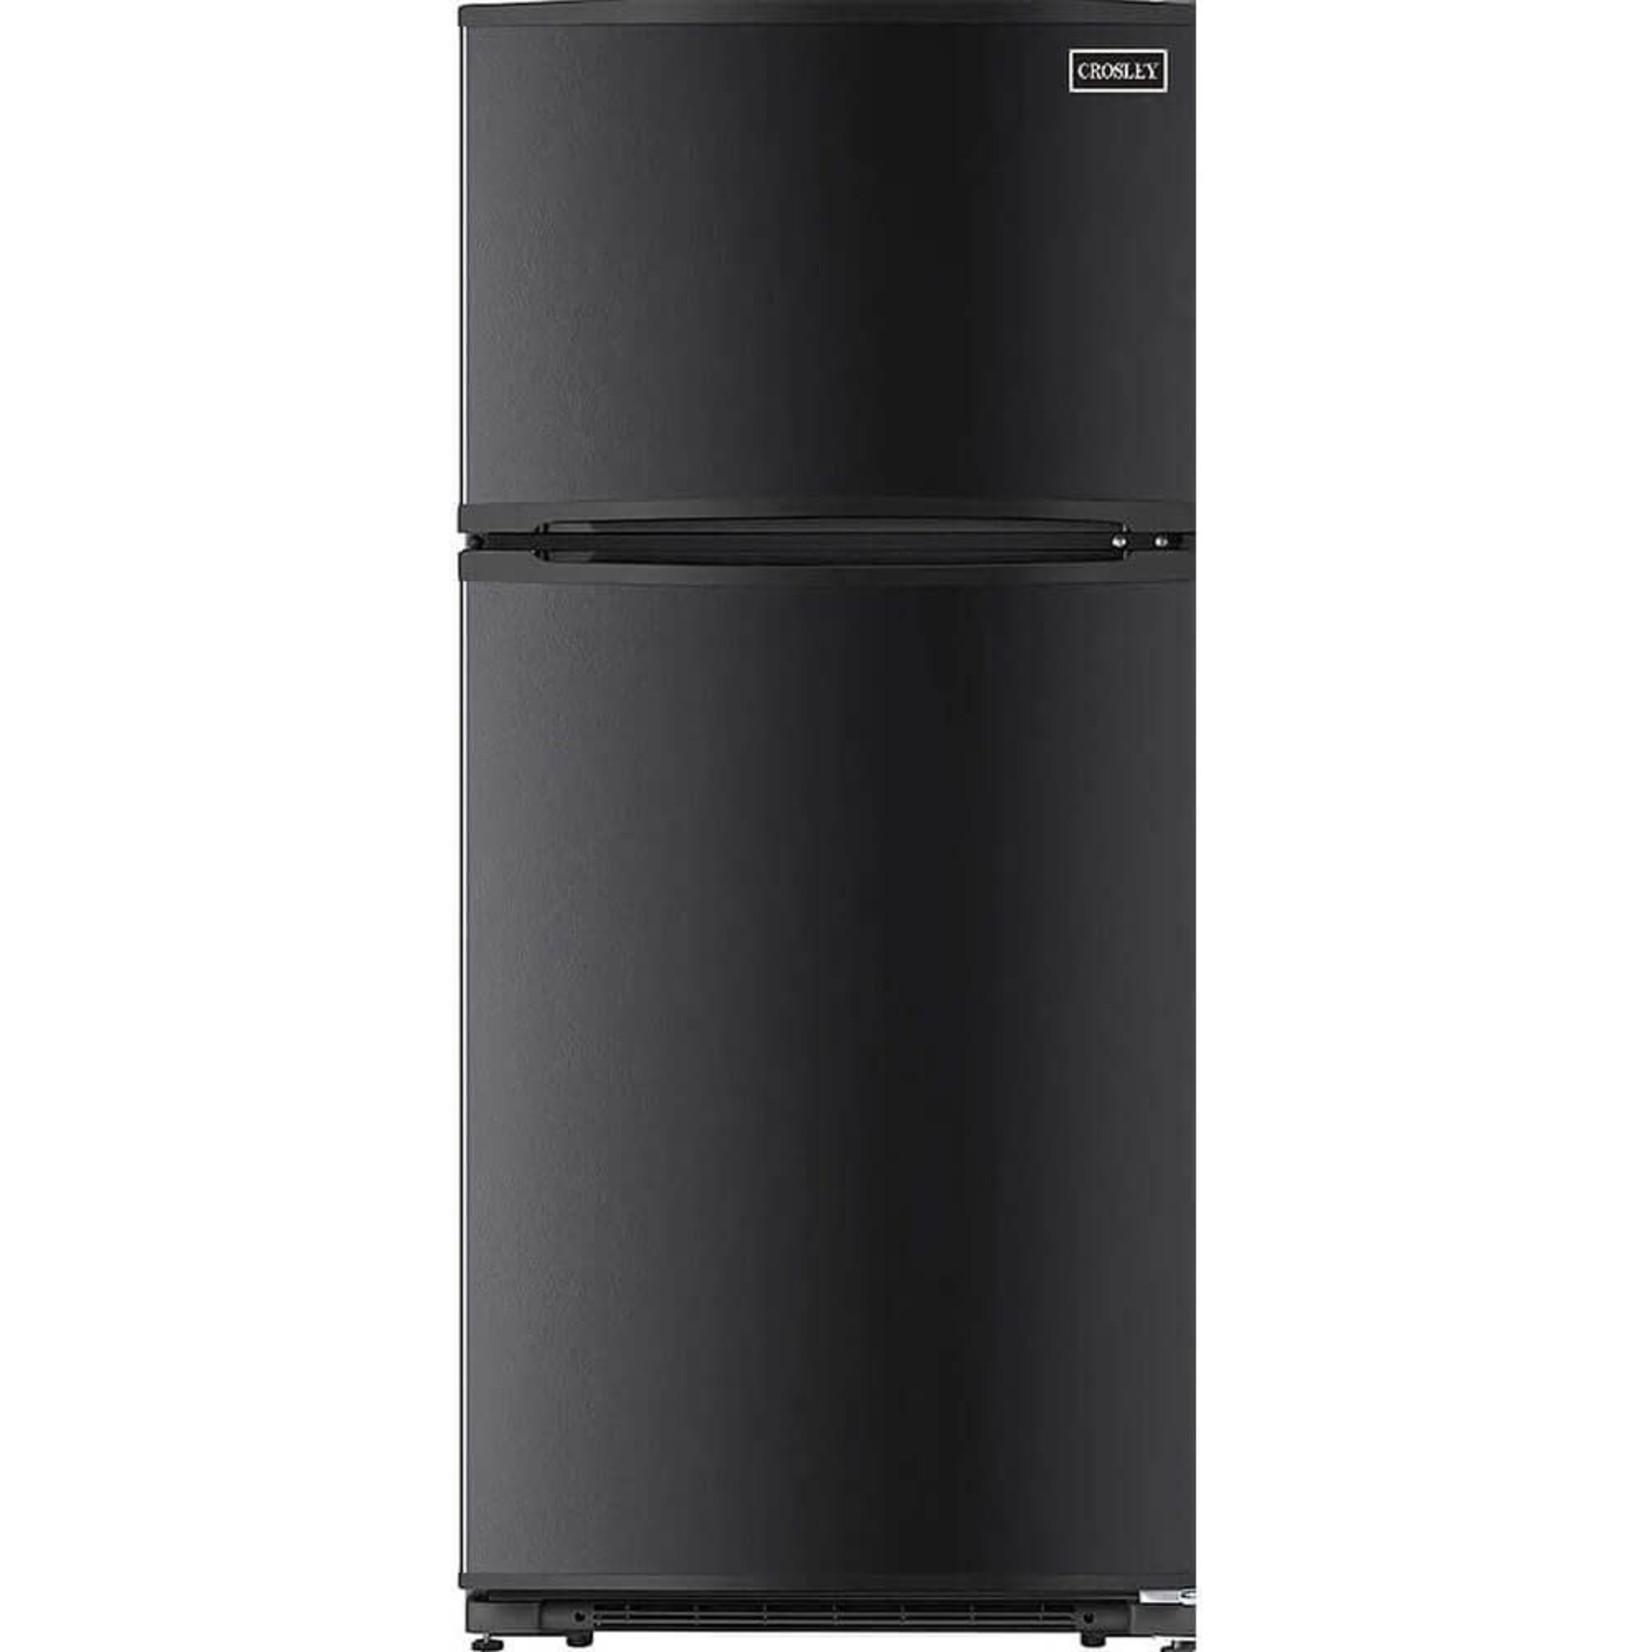 Crosley CROSLEY Top Mount Refrigerator Black